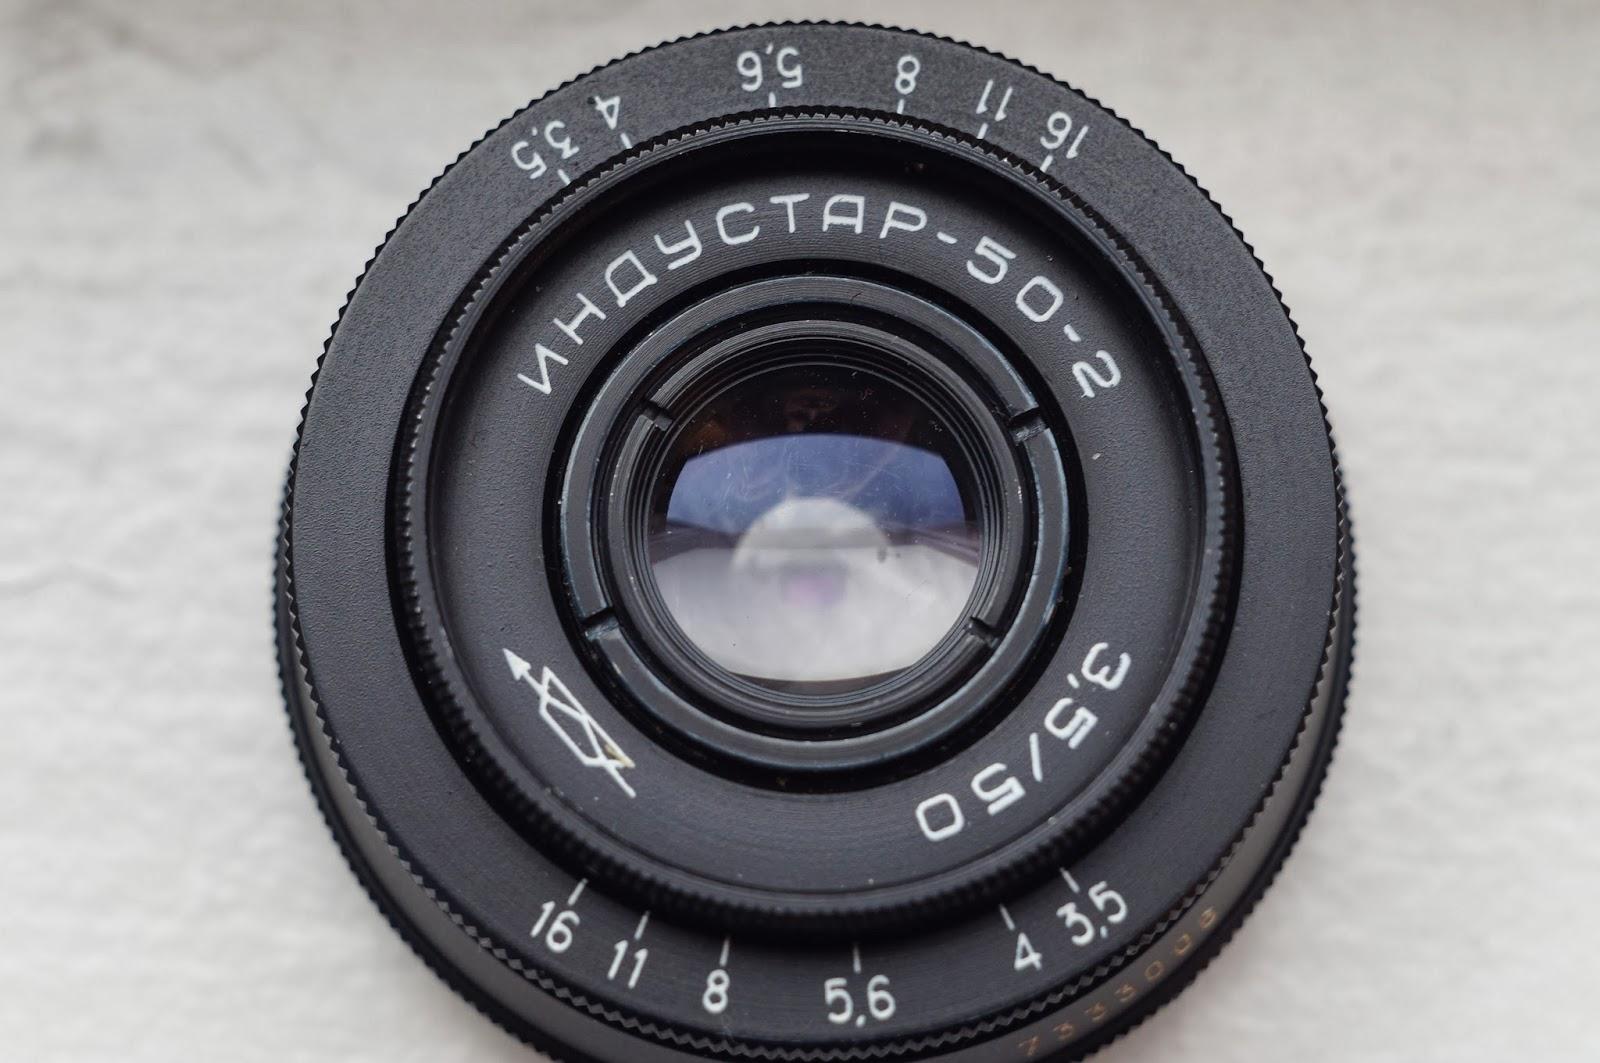 Industar-50-2 3.5/50